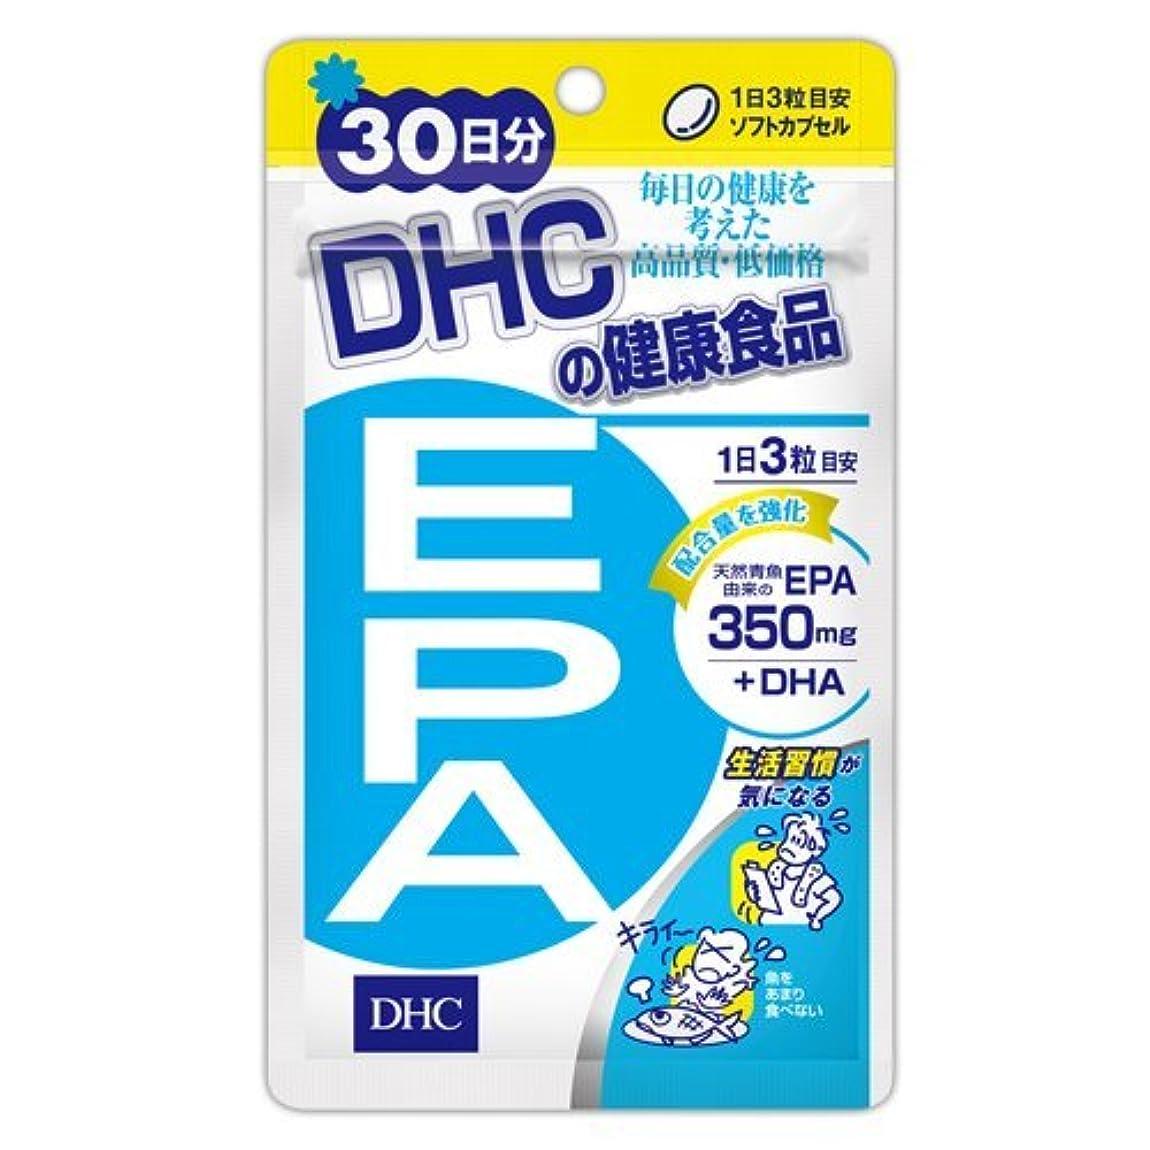 崖憂鬱なおかしいDHC EPA 30日分